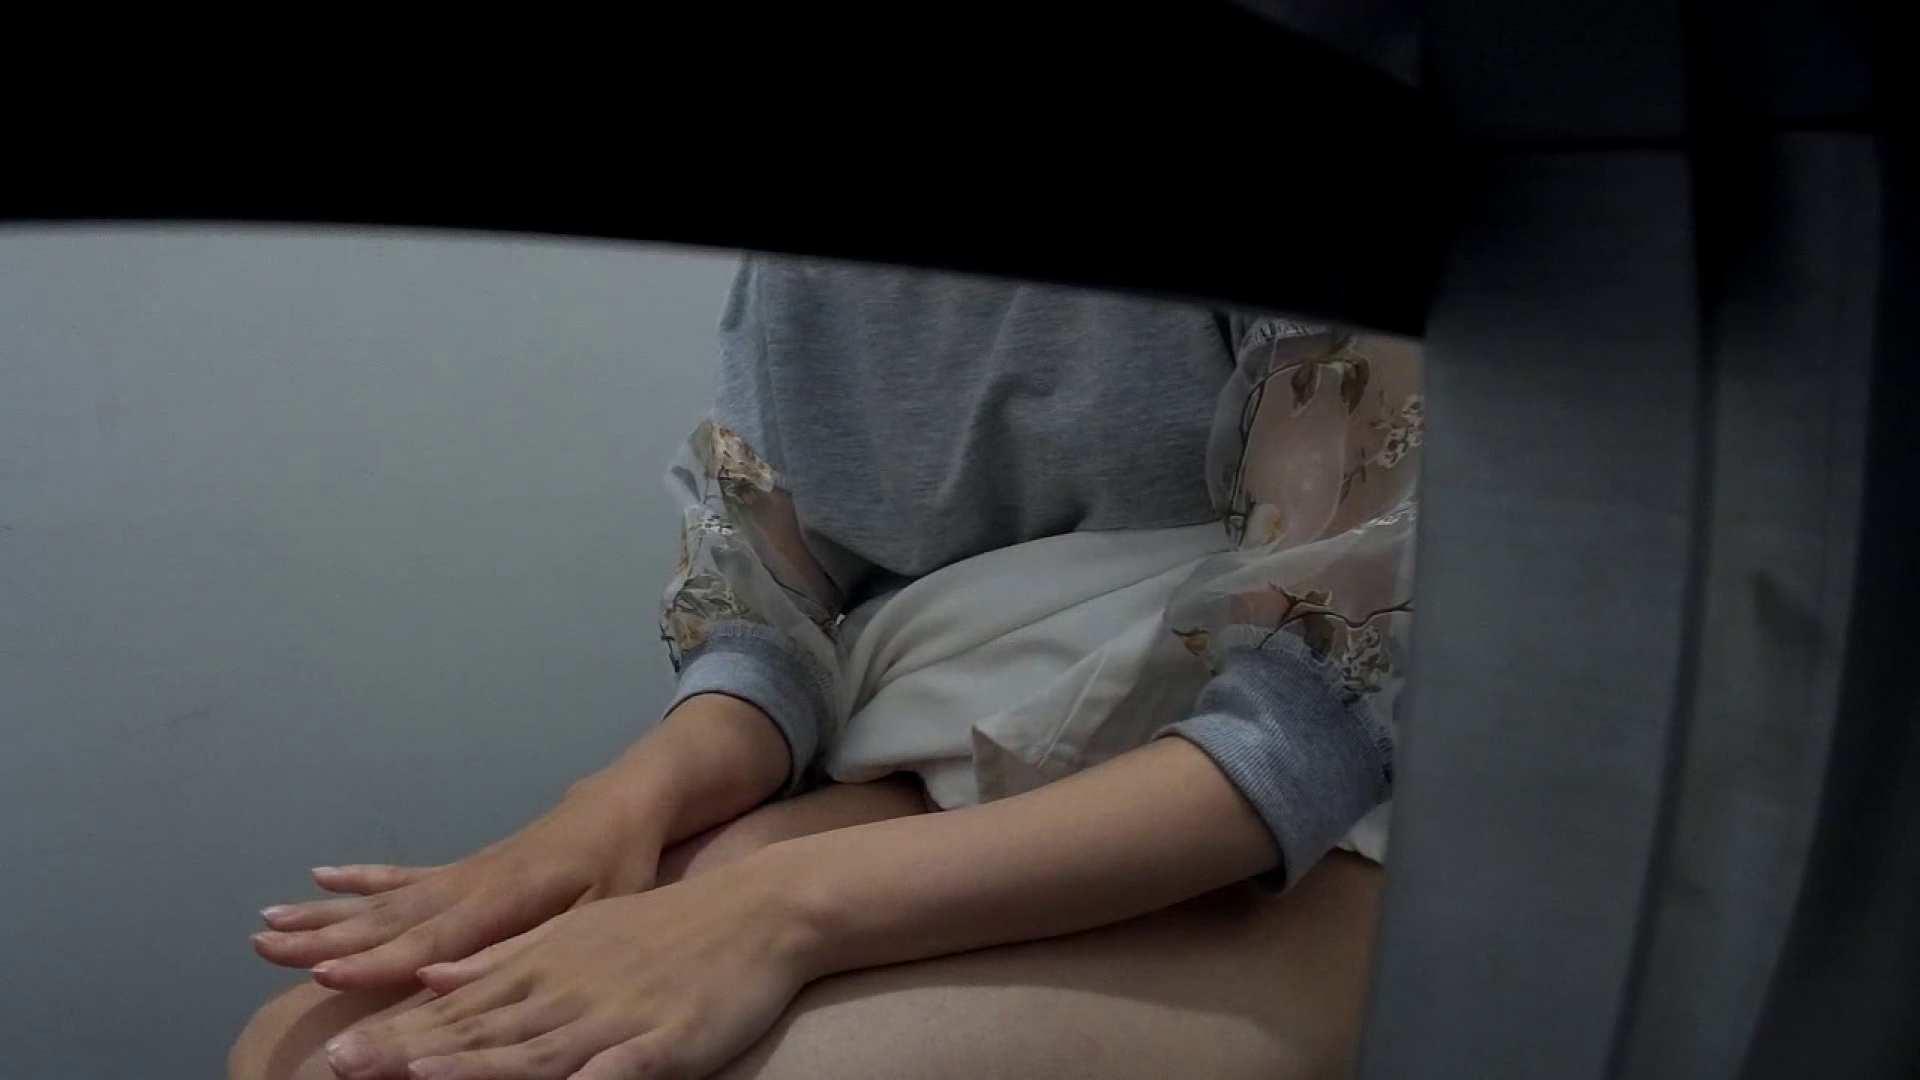 有名大学女性洗面所 vol.40 ??おまじない的な動きをする子がいます。 ギャル達 | 洗面所のぞき  99枚 1